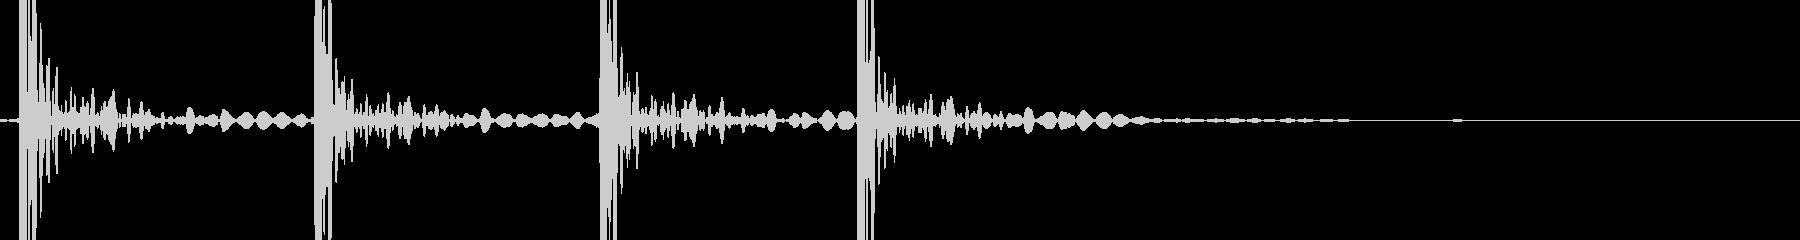 ドンドンドンドン (ドアを叩く音)の未再生の波形